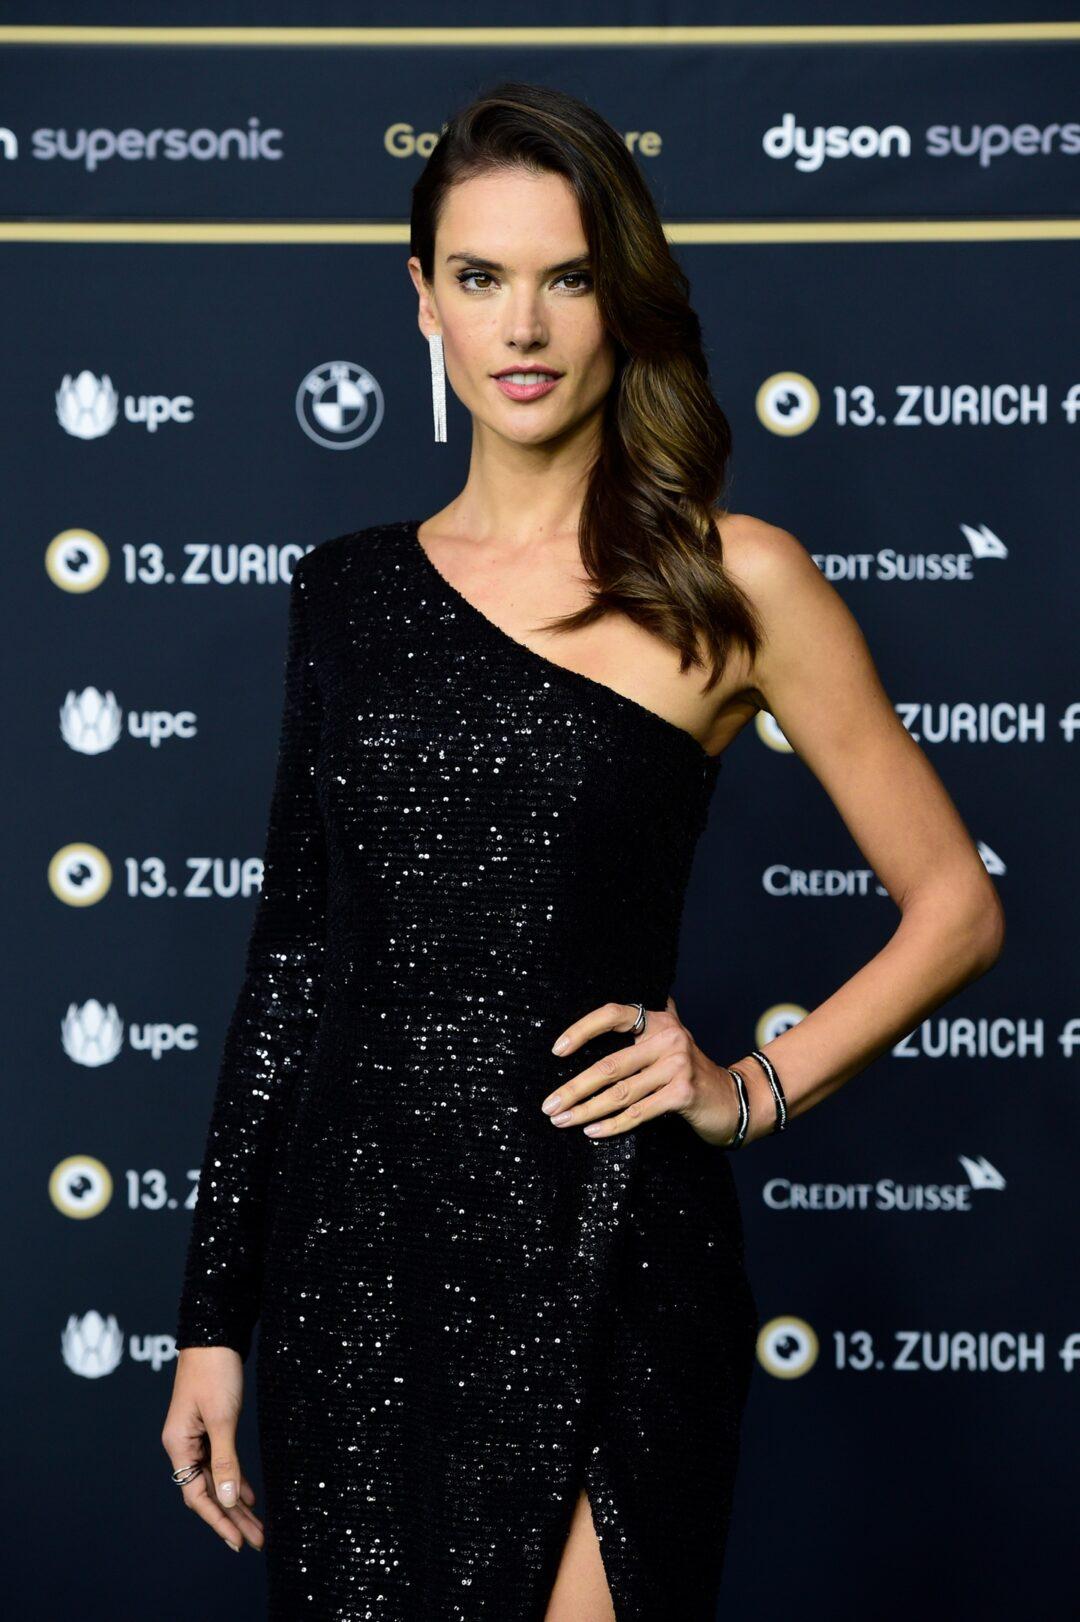 Alessandra Ambrosio Zurich Film Festival